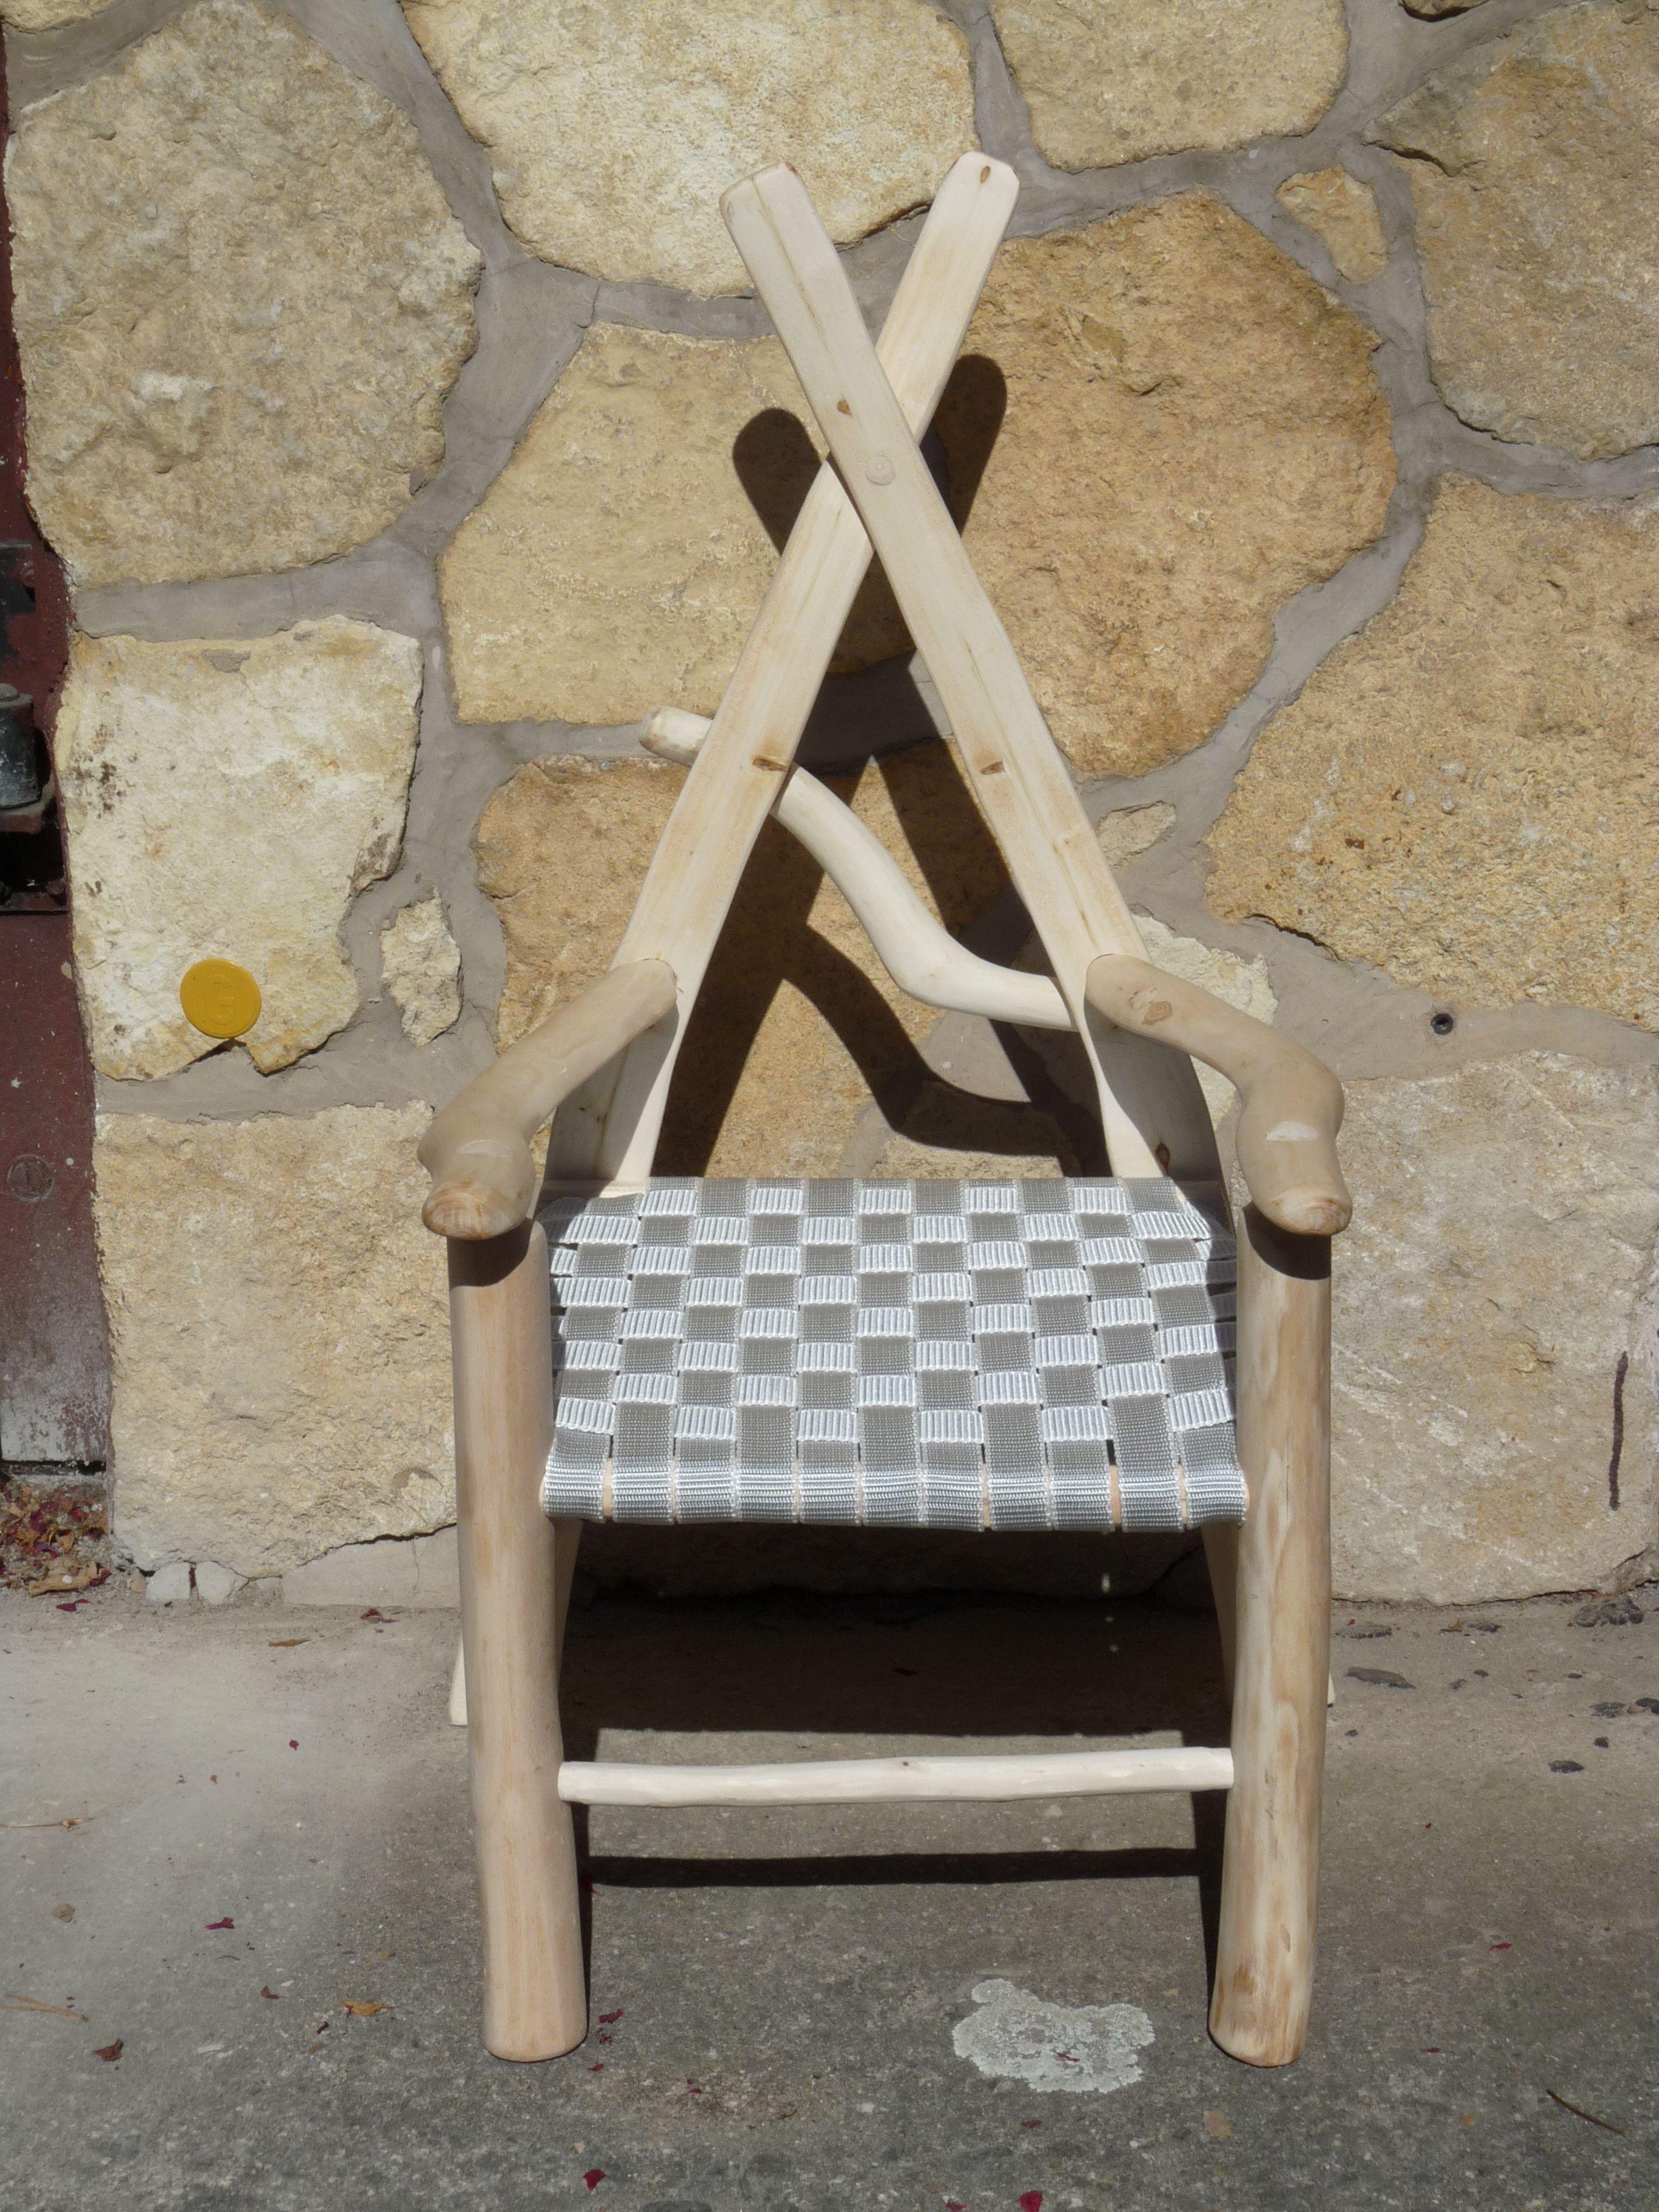 Kinderstuhl Aus Wildholz In Form Eines Throns Sitz Geflochten Aus Band Stuhle Holz Kreativ